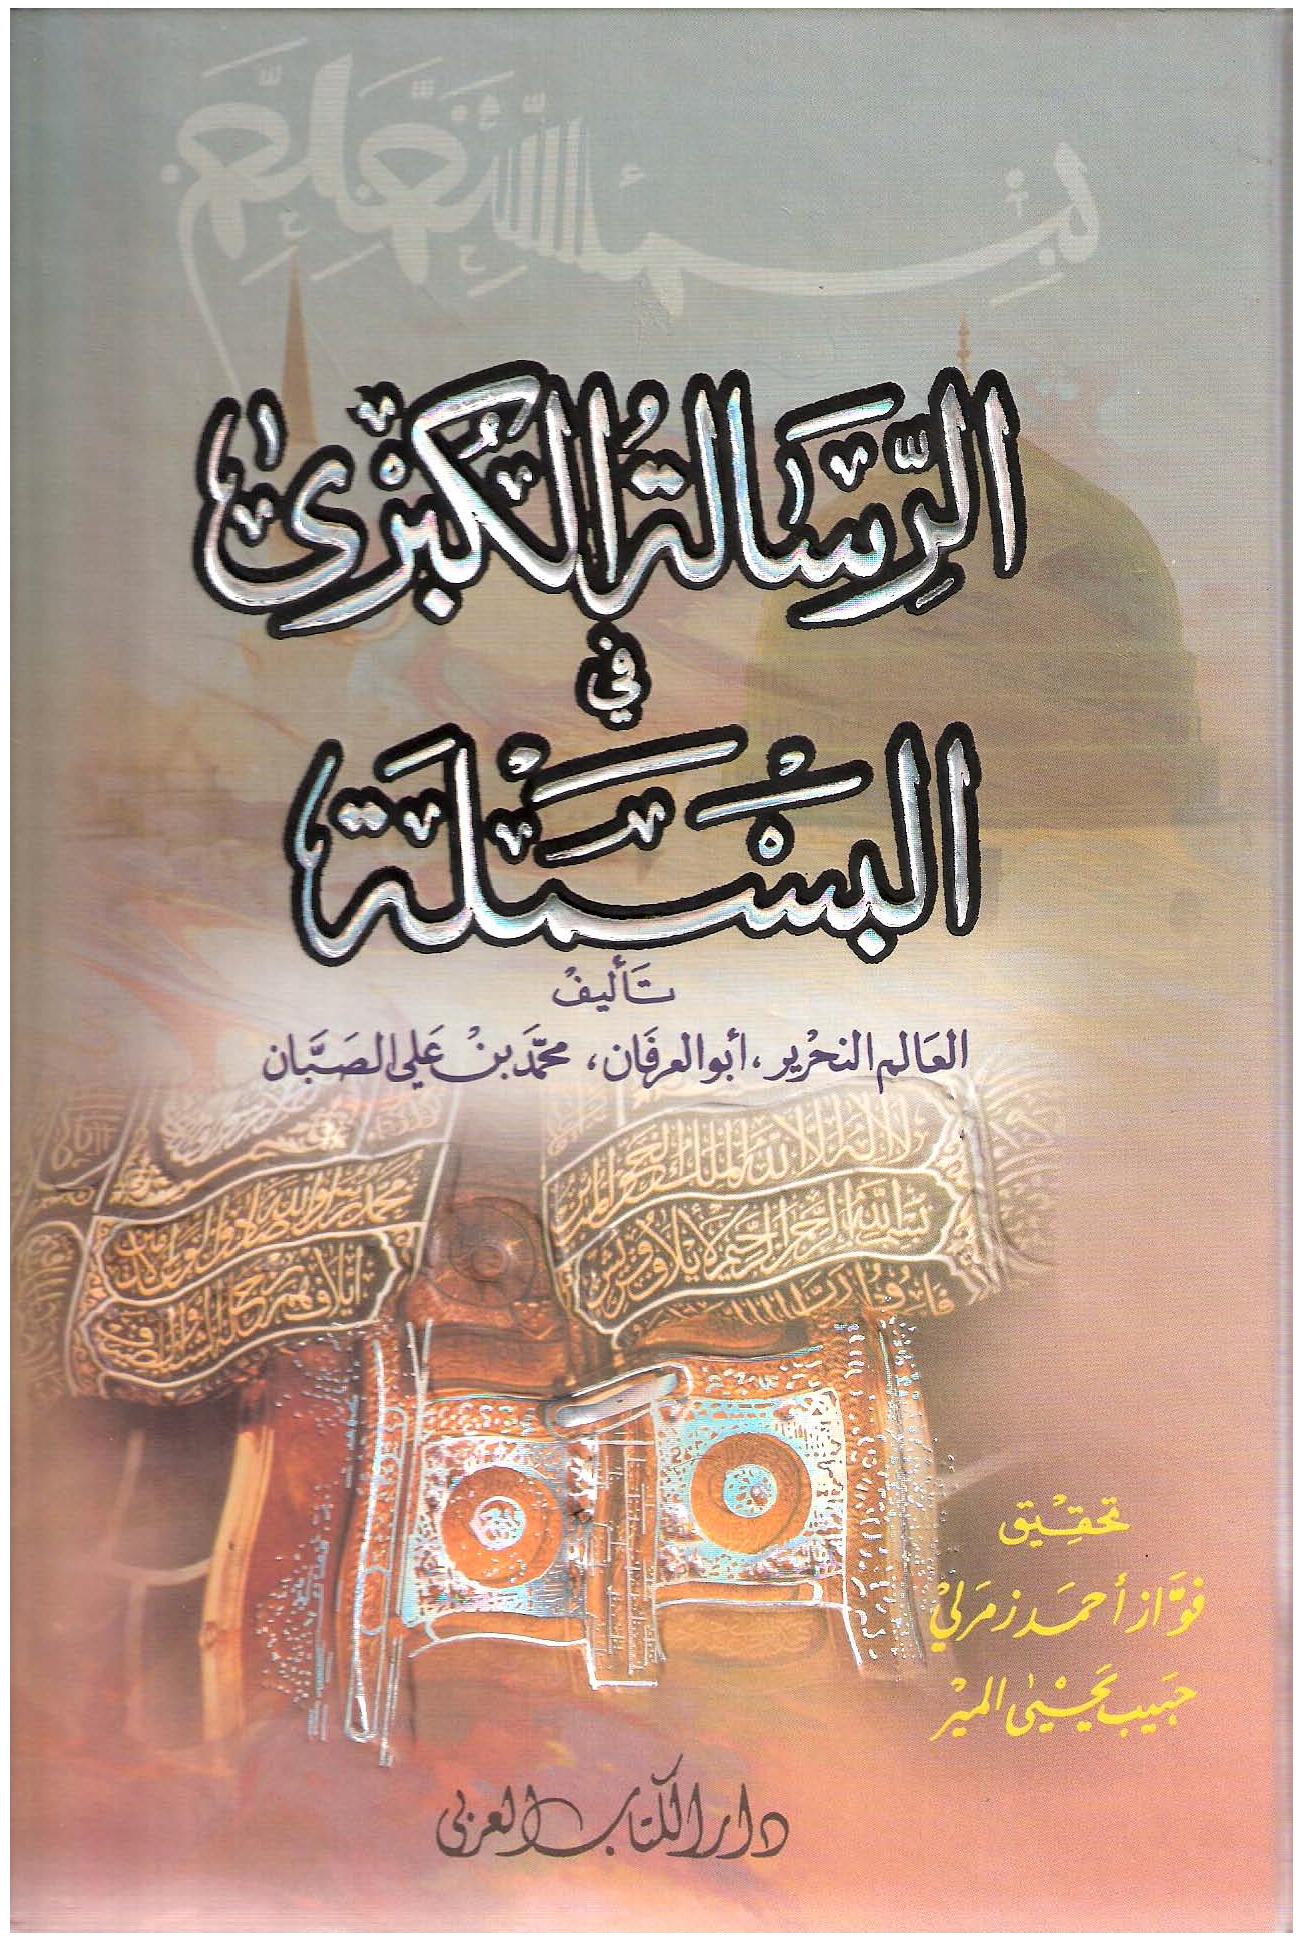 تحميل كتاب الرسالة الكبرى في البسملة (ط. الكتاب العربي) لـِ: الإمام أبو العرفان محمد بن علي الصبان المصري (ت 1206)